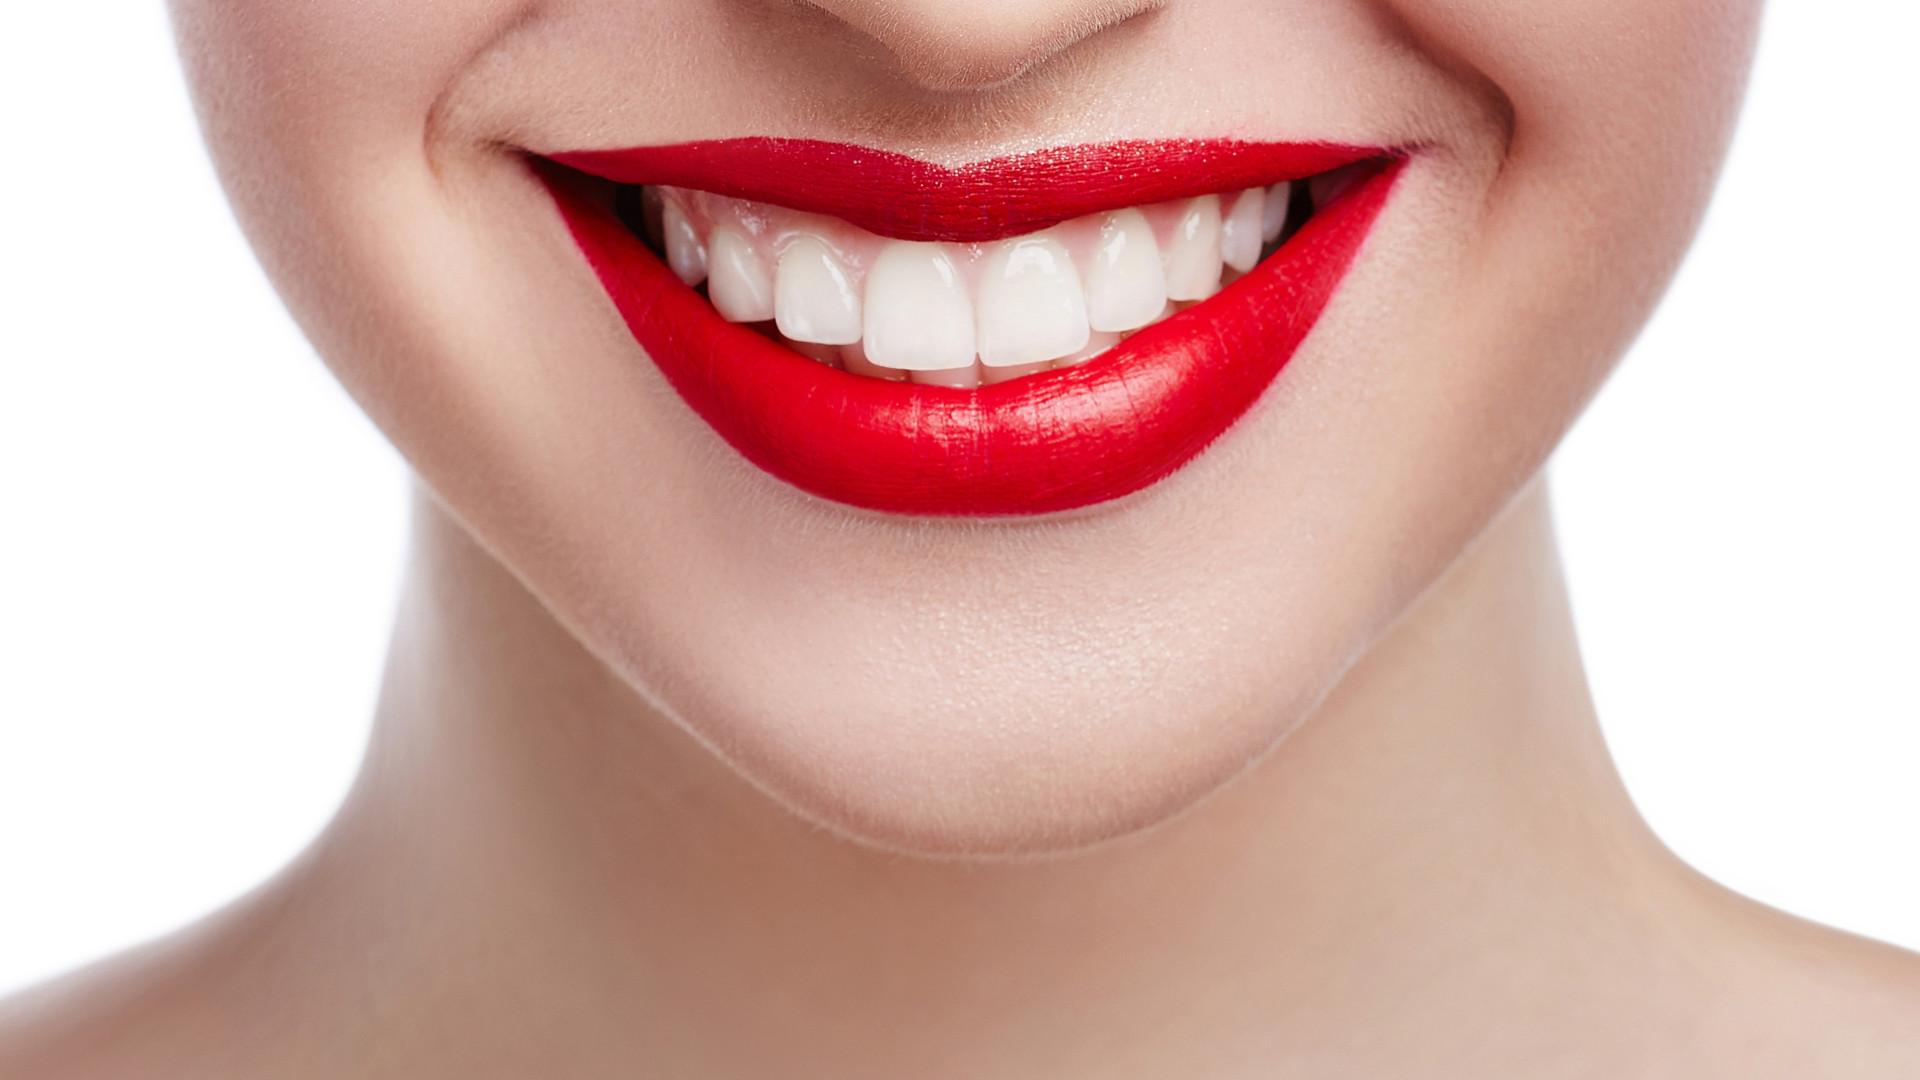 Quatro dicas para ter dentes mais brancos (do tradicional ao bizarro)